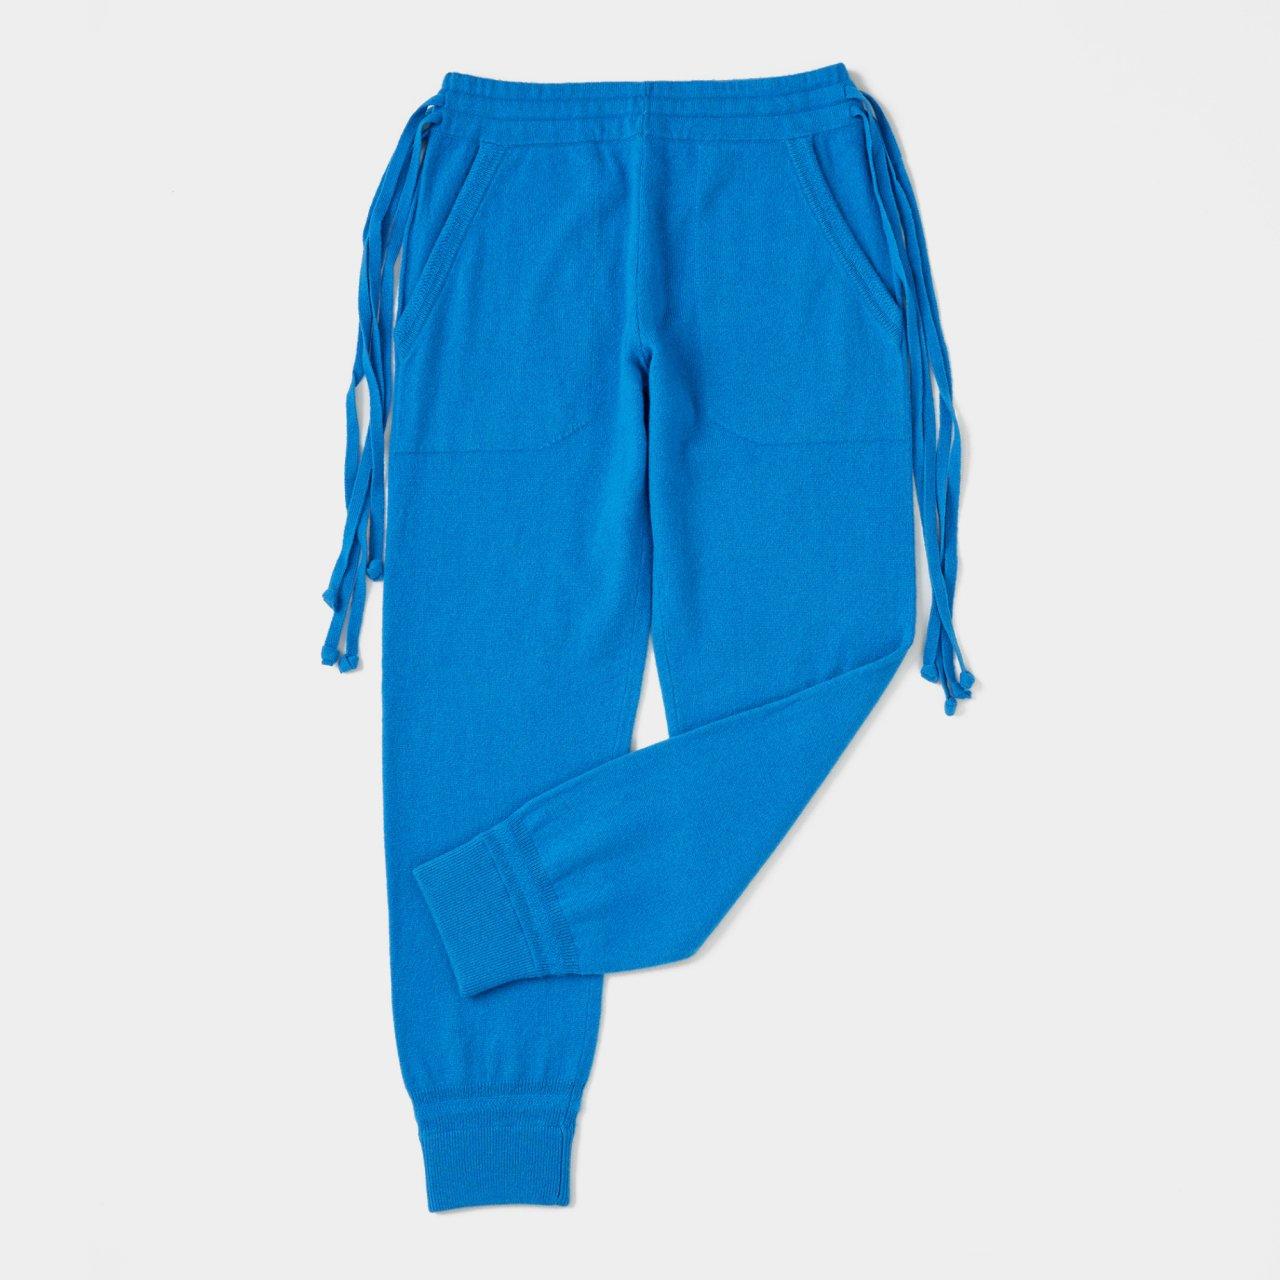 CASHMERE  BASIC BoyFriend PANTS<BR>TURQUOISE